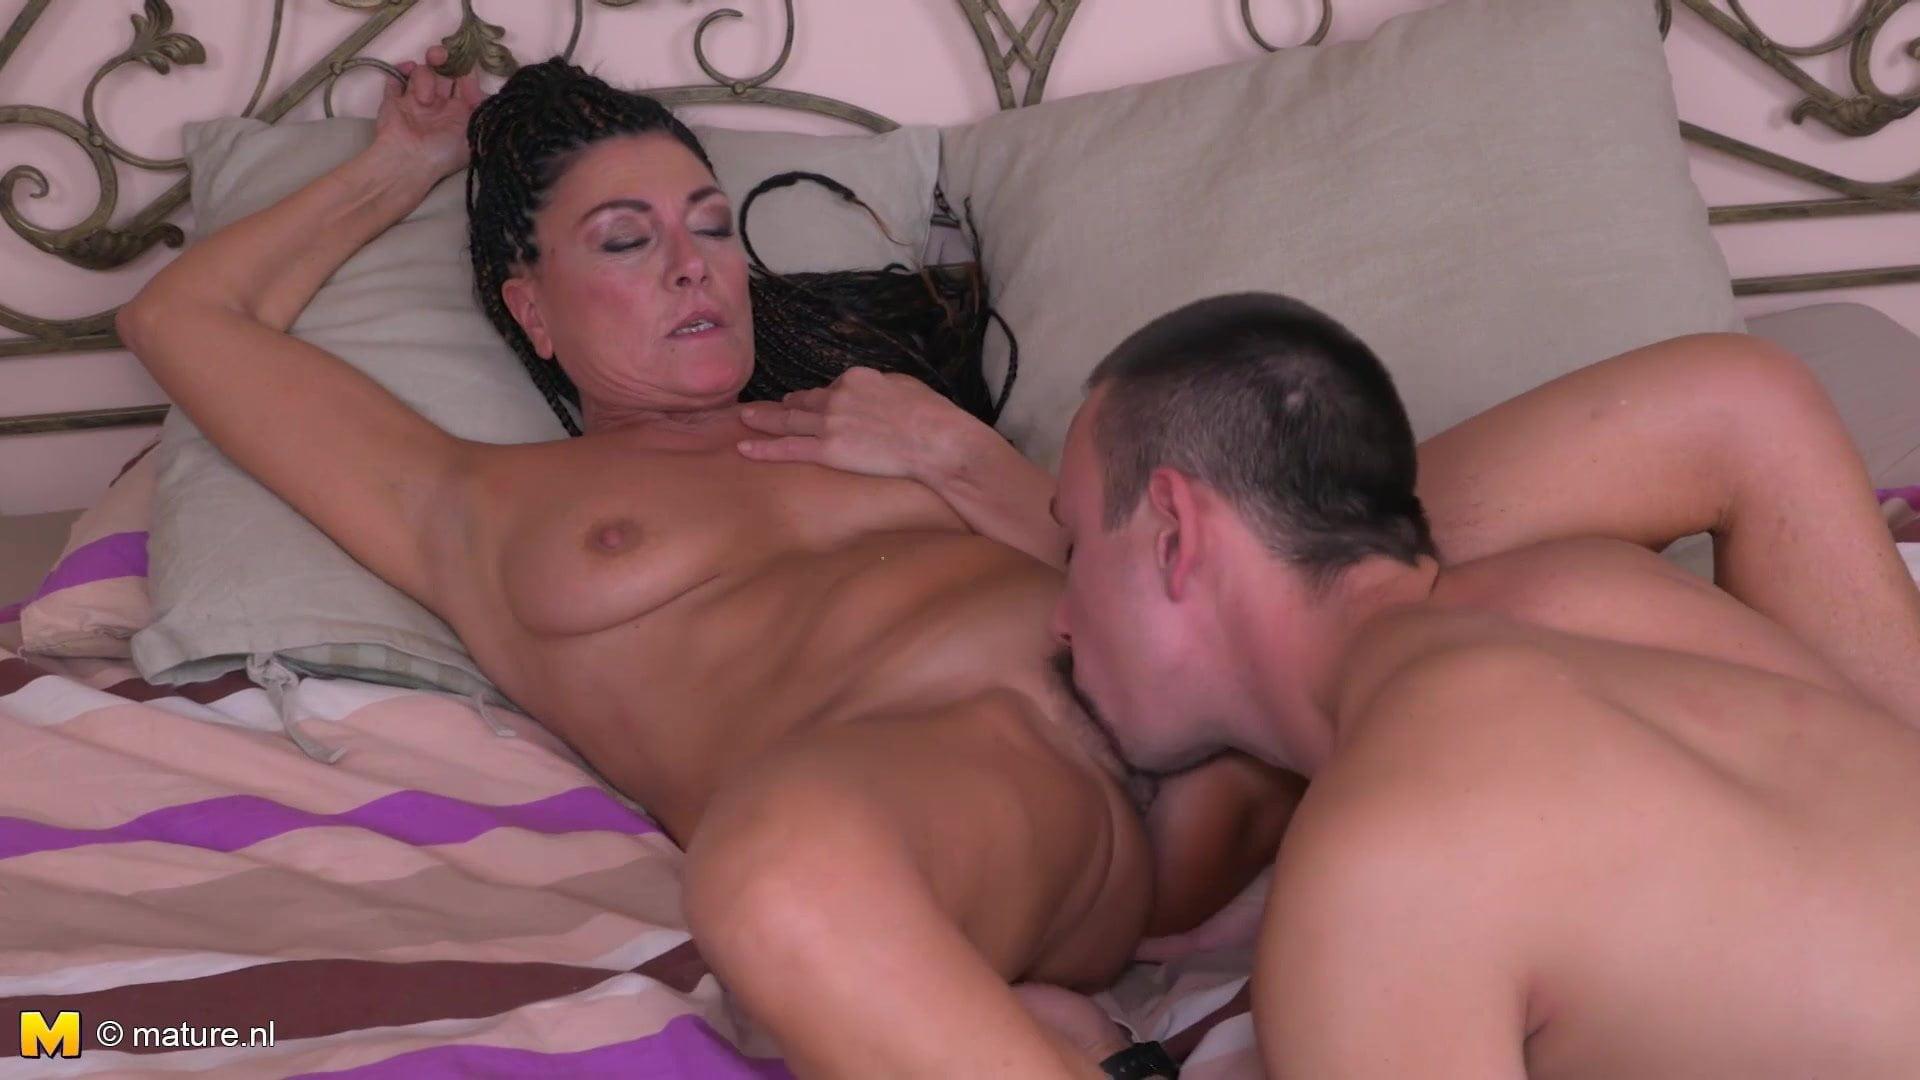 Tabu having sex, gif de naruto desnudos sexis